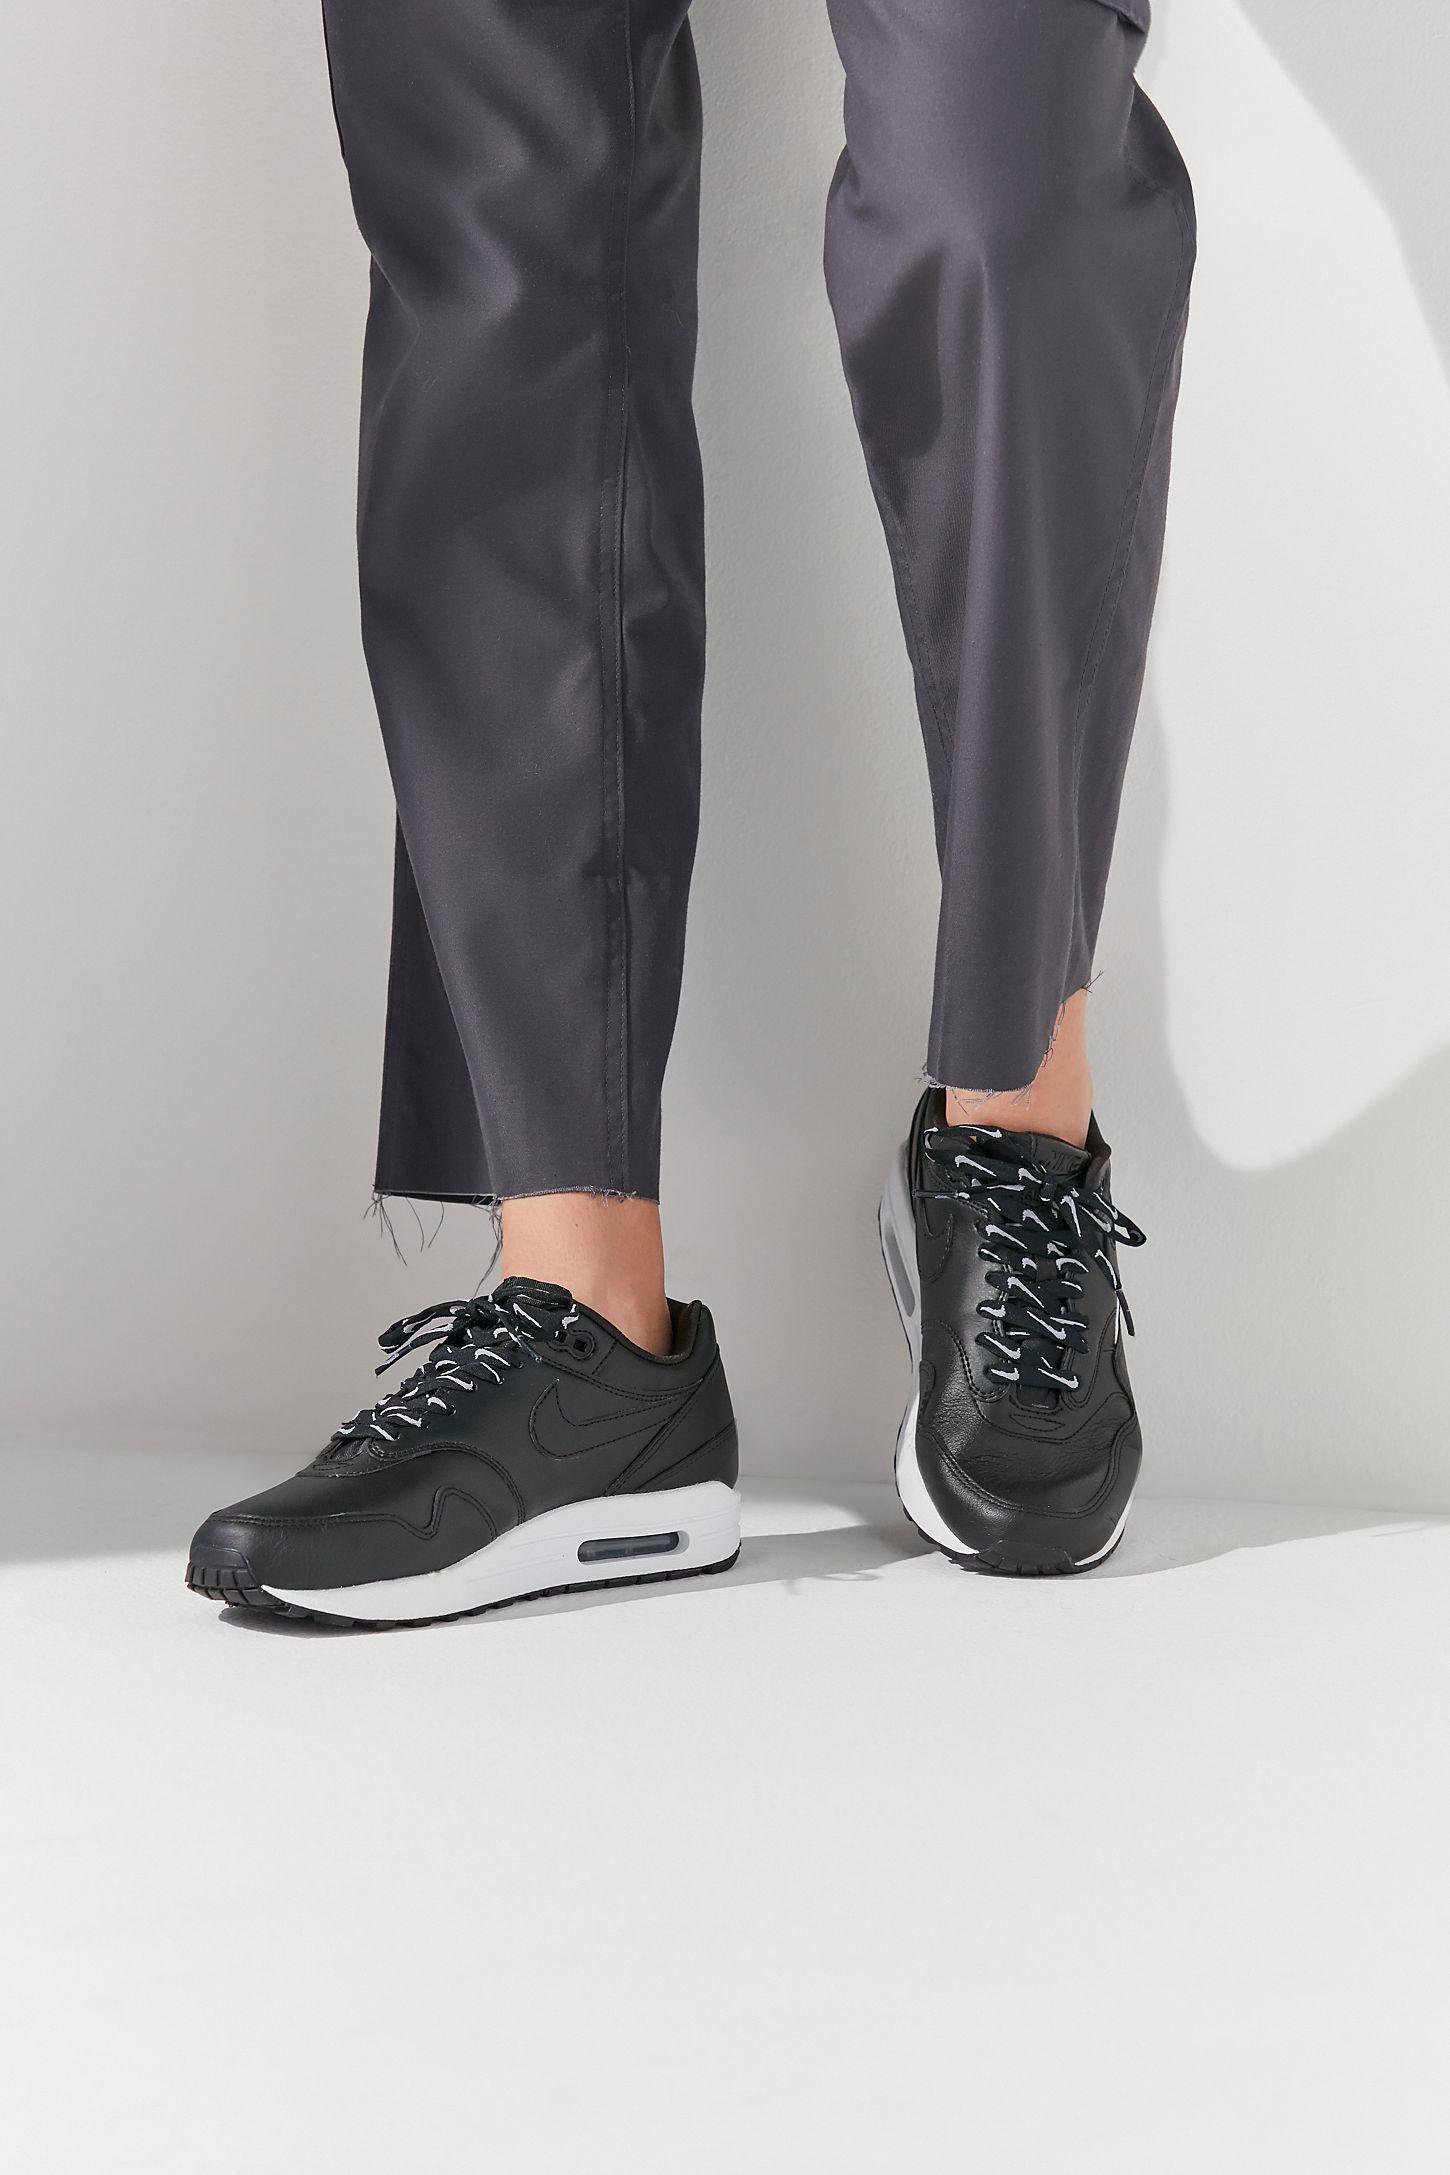 Nike Air Max 1 SE Overbranded Sneaker